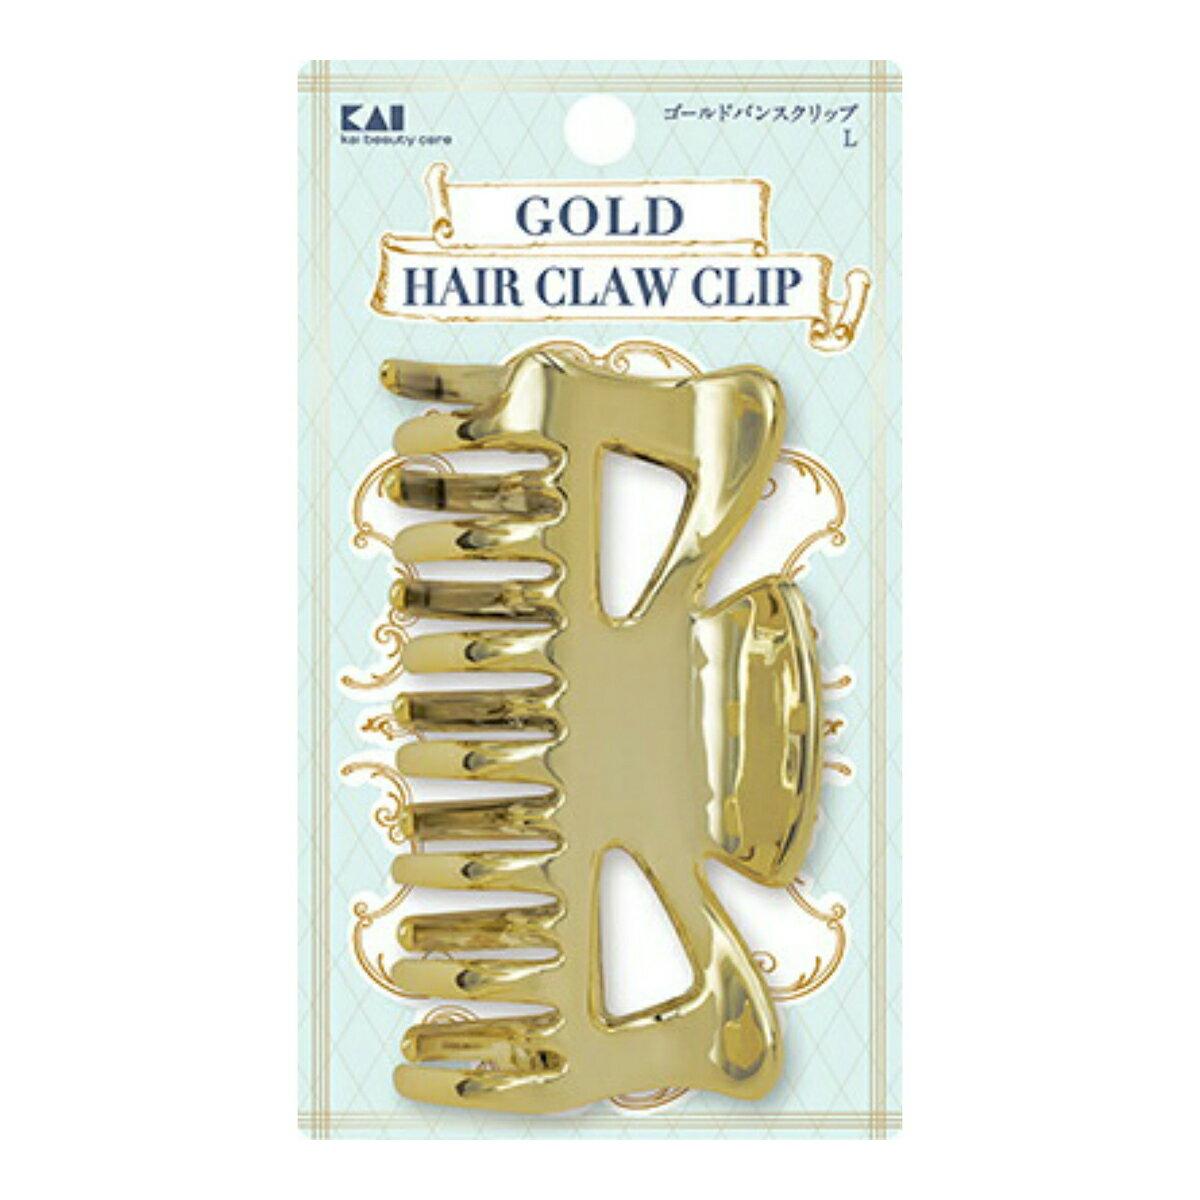 【ケース販売 送料無料】 HA3080 ゴールドバンスクリップ L ヘアアクセサリー×240個セット (4901601300925)